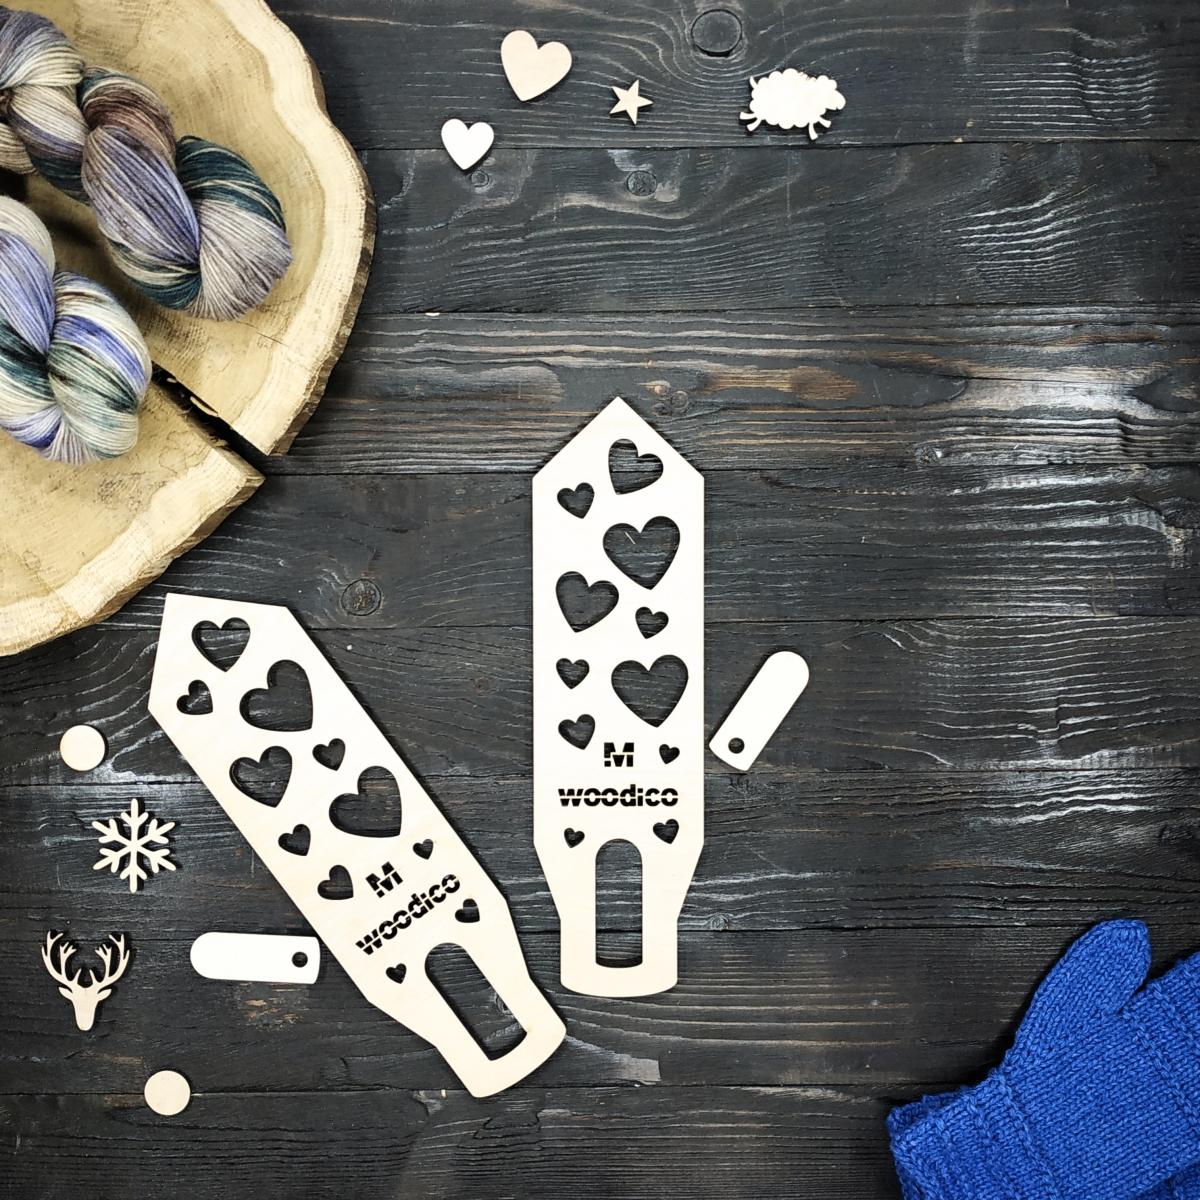 woodico.pro wooden mitten blockers nordic hearts 1 1200x1200 - Wooden mitten blockers / Nordic Hearts